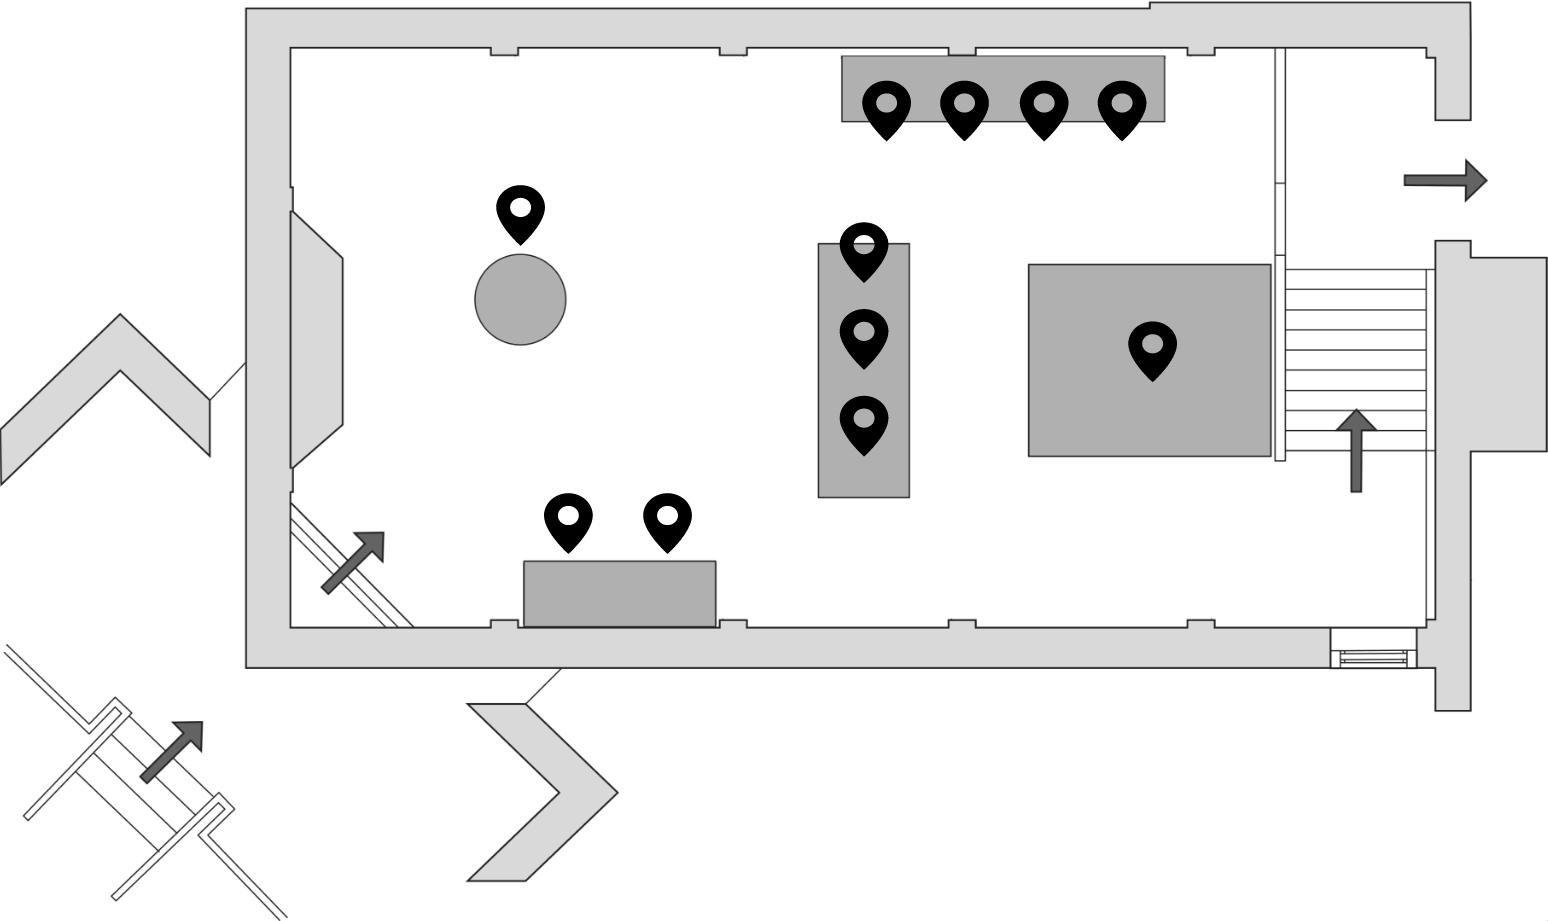 Rijksmuseum Boerhaave plattegrond